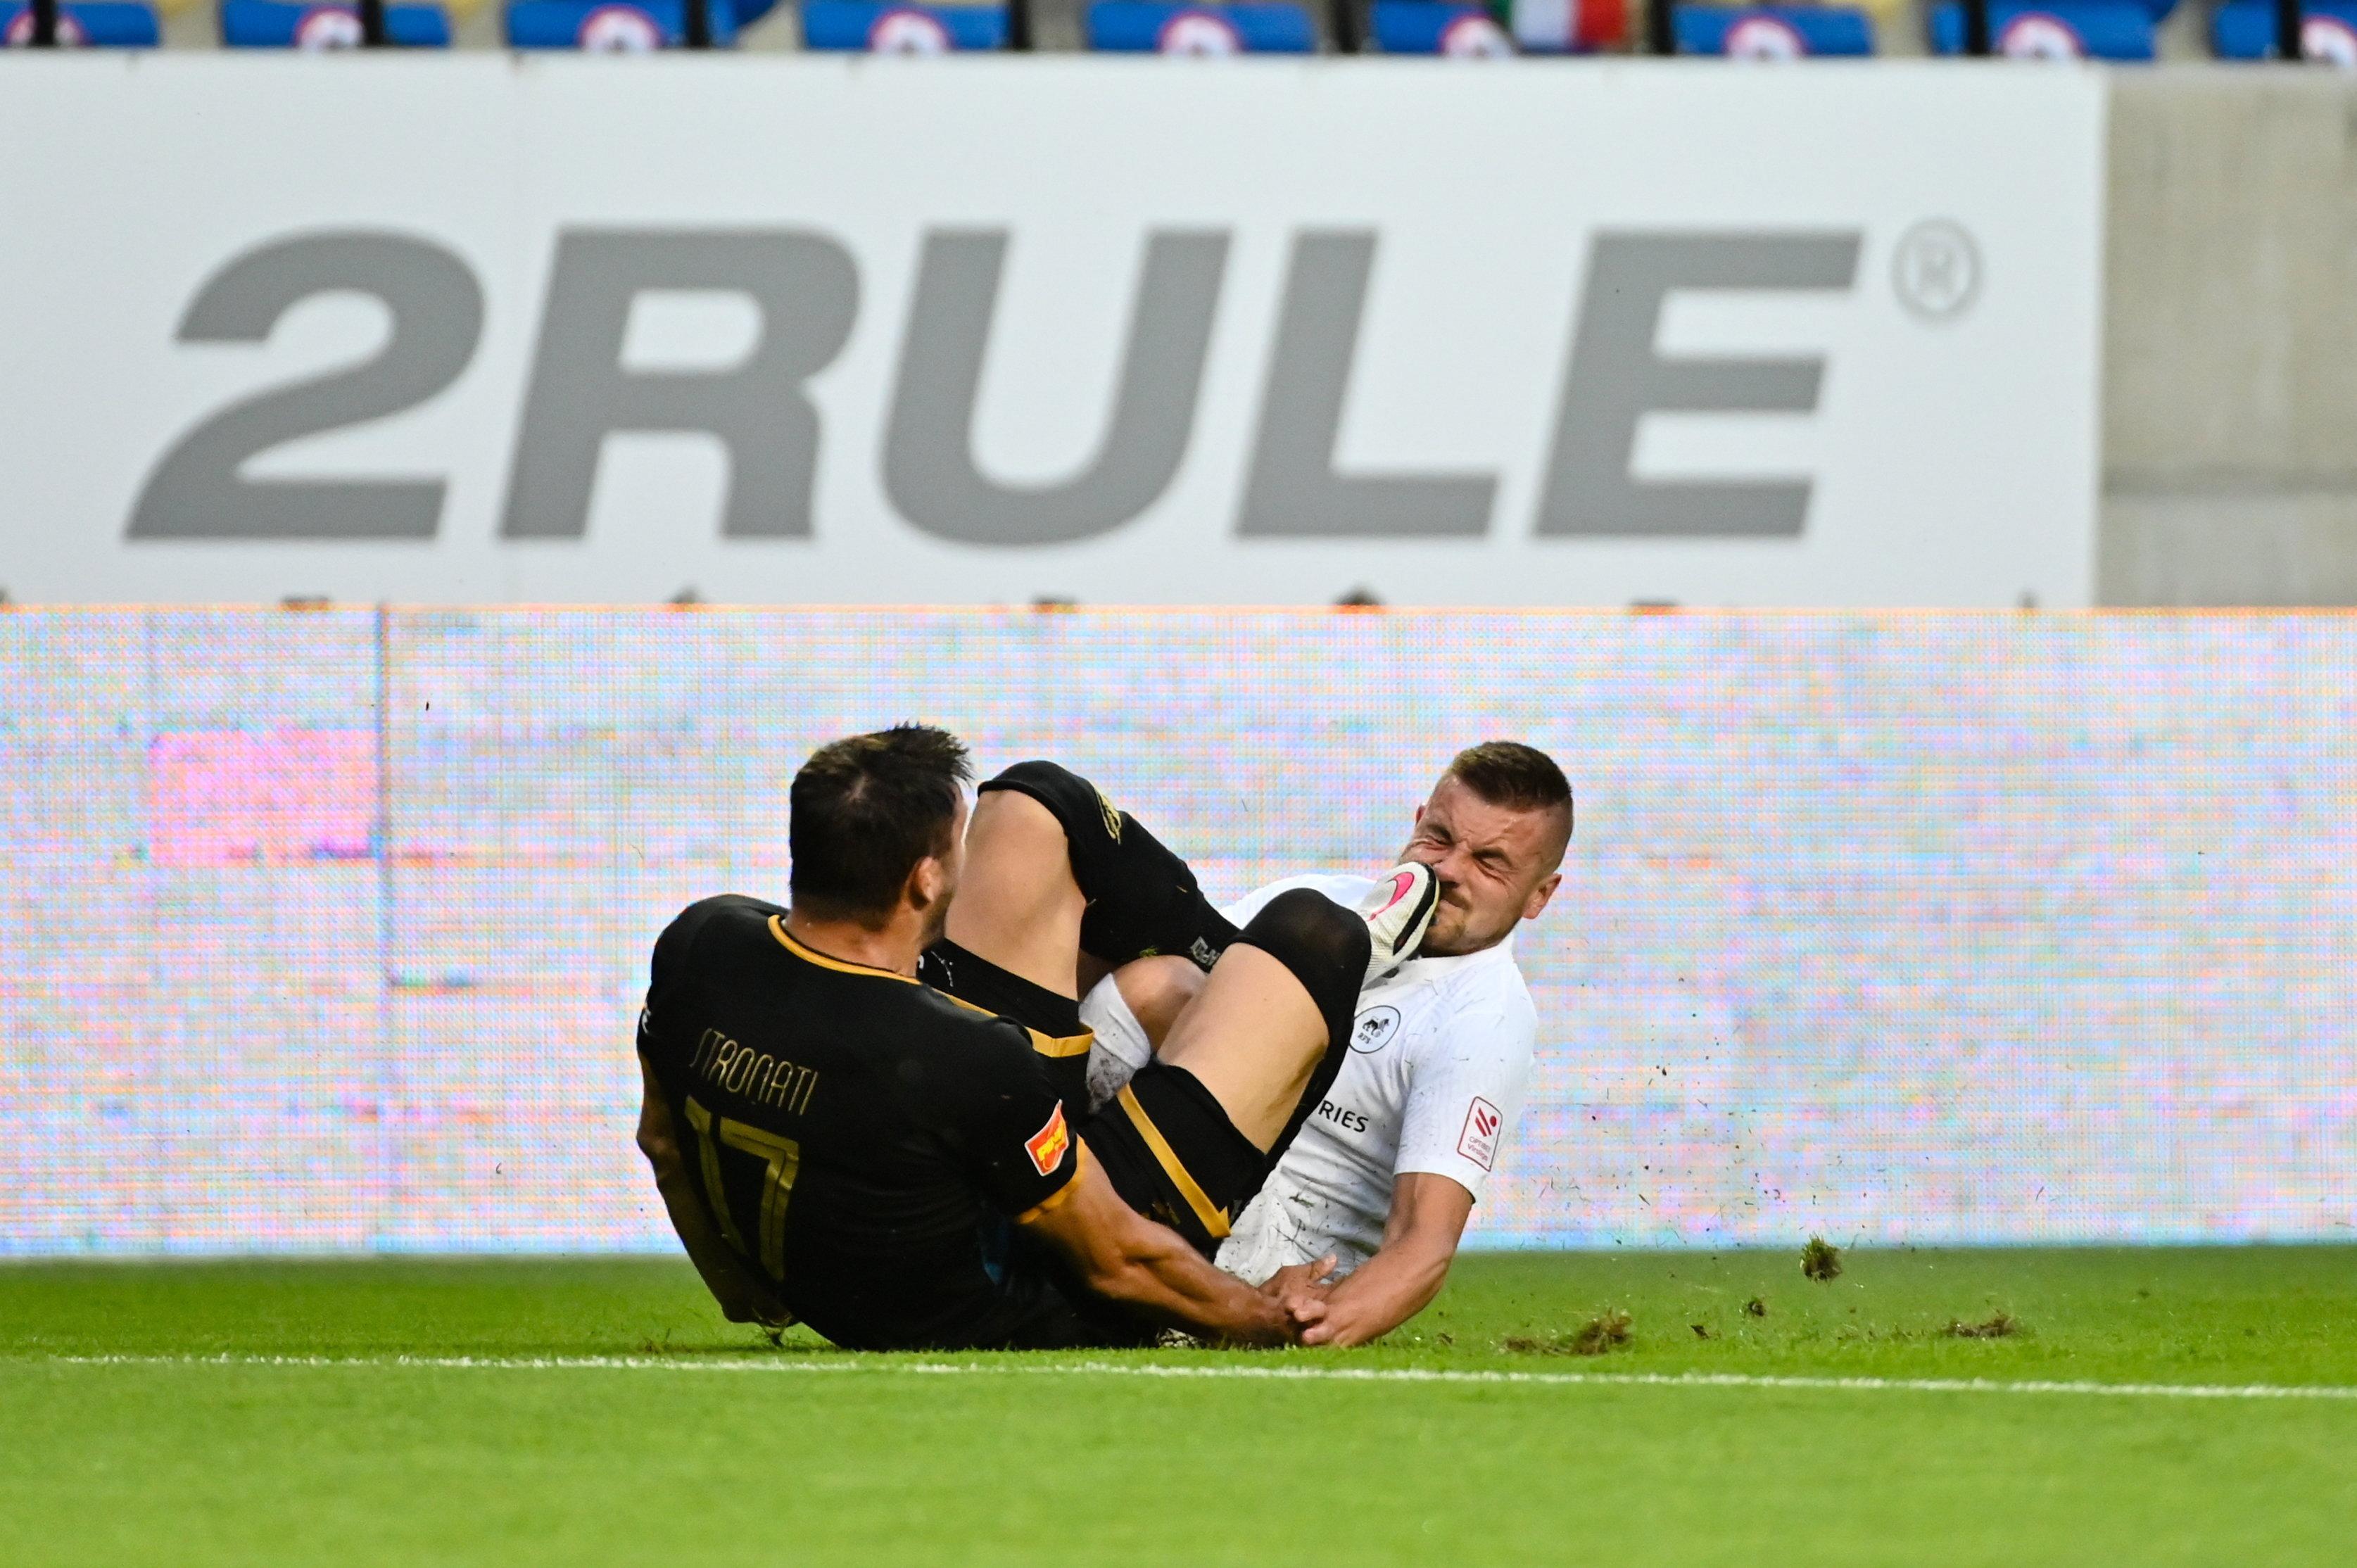 5-0-s összesítéssel verte ki a Felcsútot a világhírű lett csapat Európából